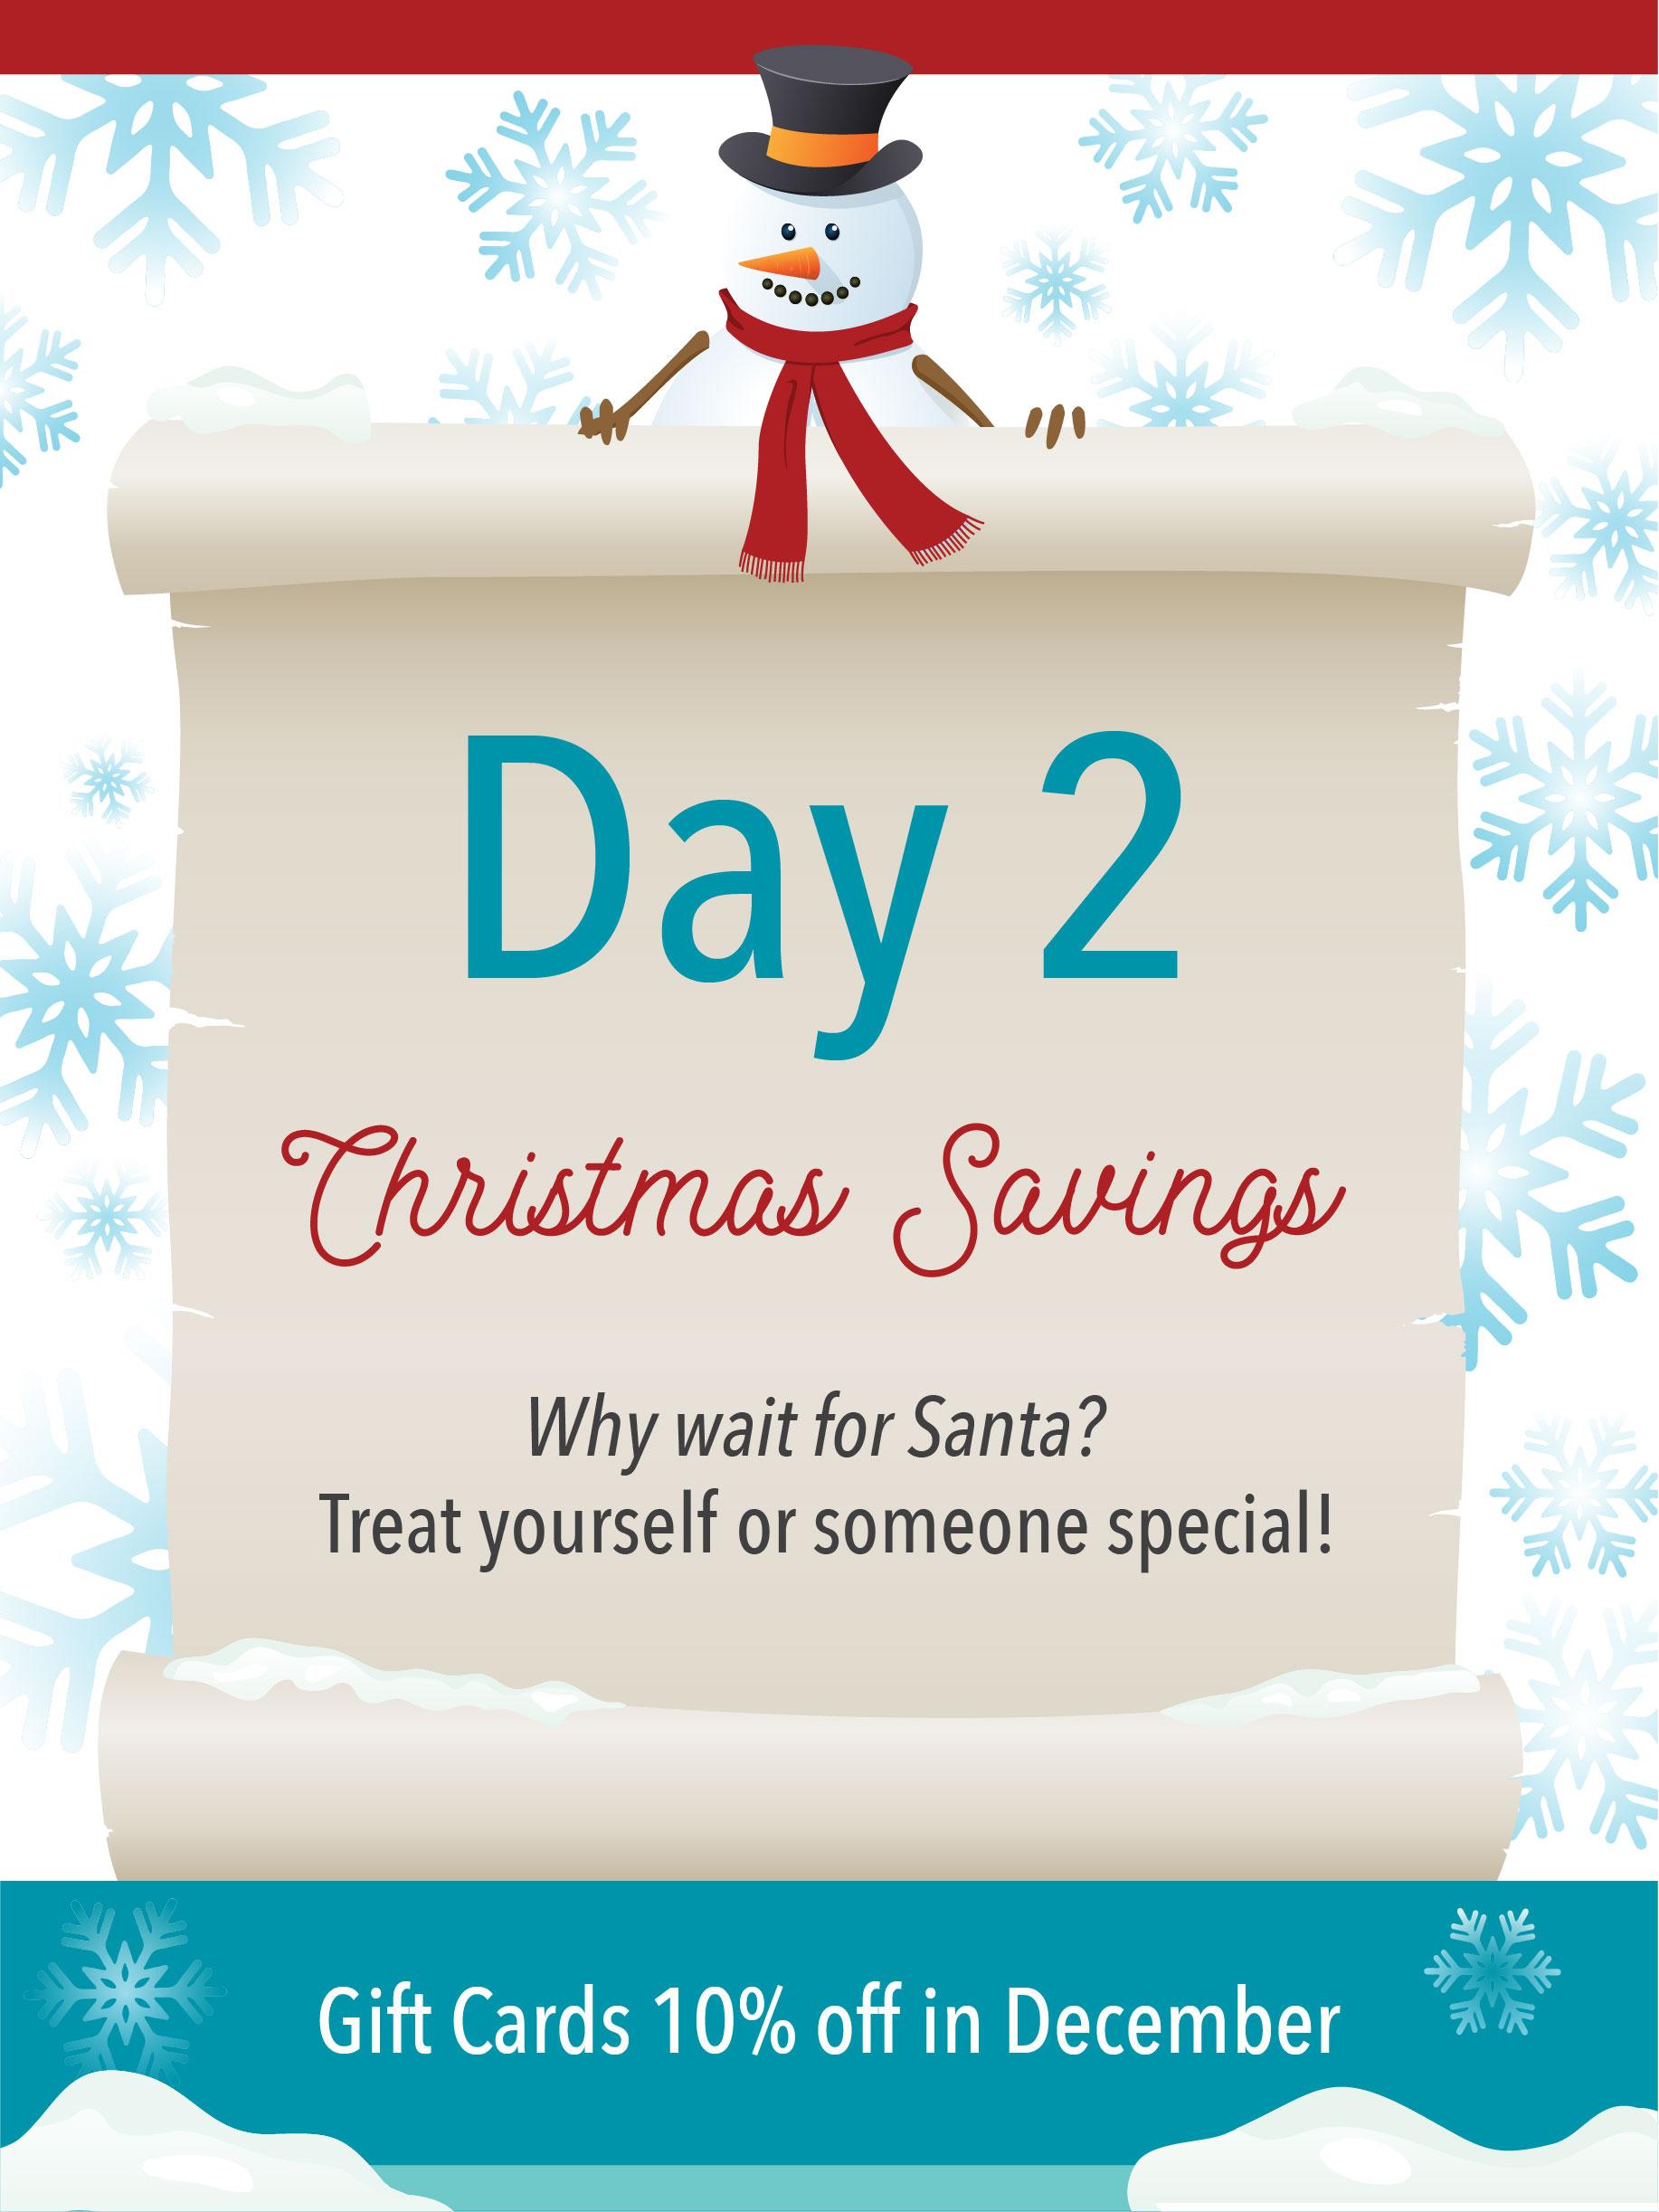 12 Days of Christmas Savings_2017-02.jpg